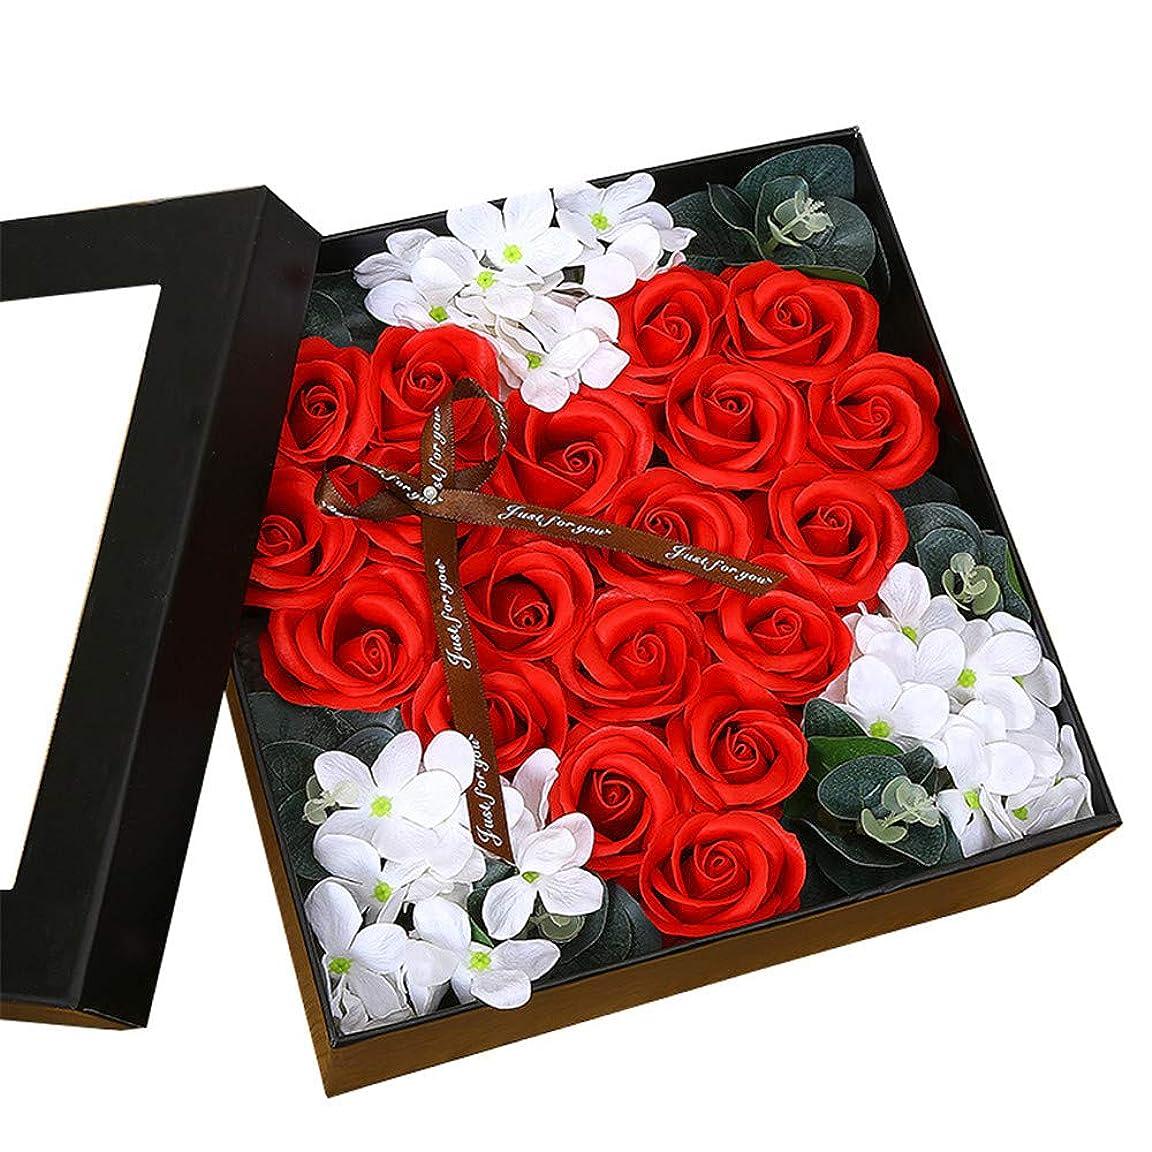 区画読む広く生地と花石鹸の花 ギフトソープフラワーローズフラワーバレンタインデーのために不可欠ガールフレンド記念日誕生日母の日 (色 : Red square box)